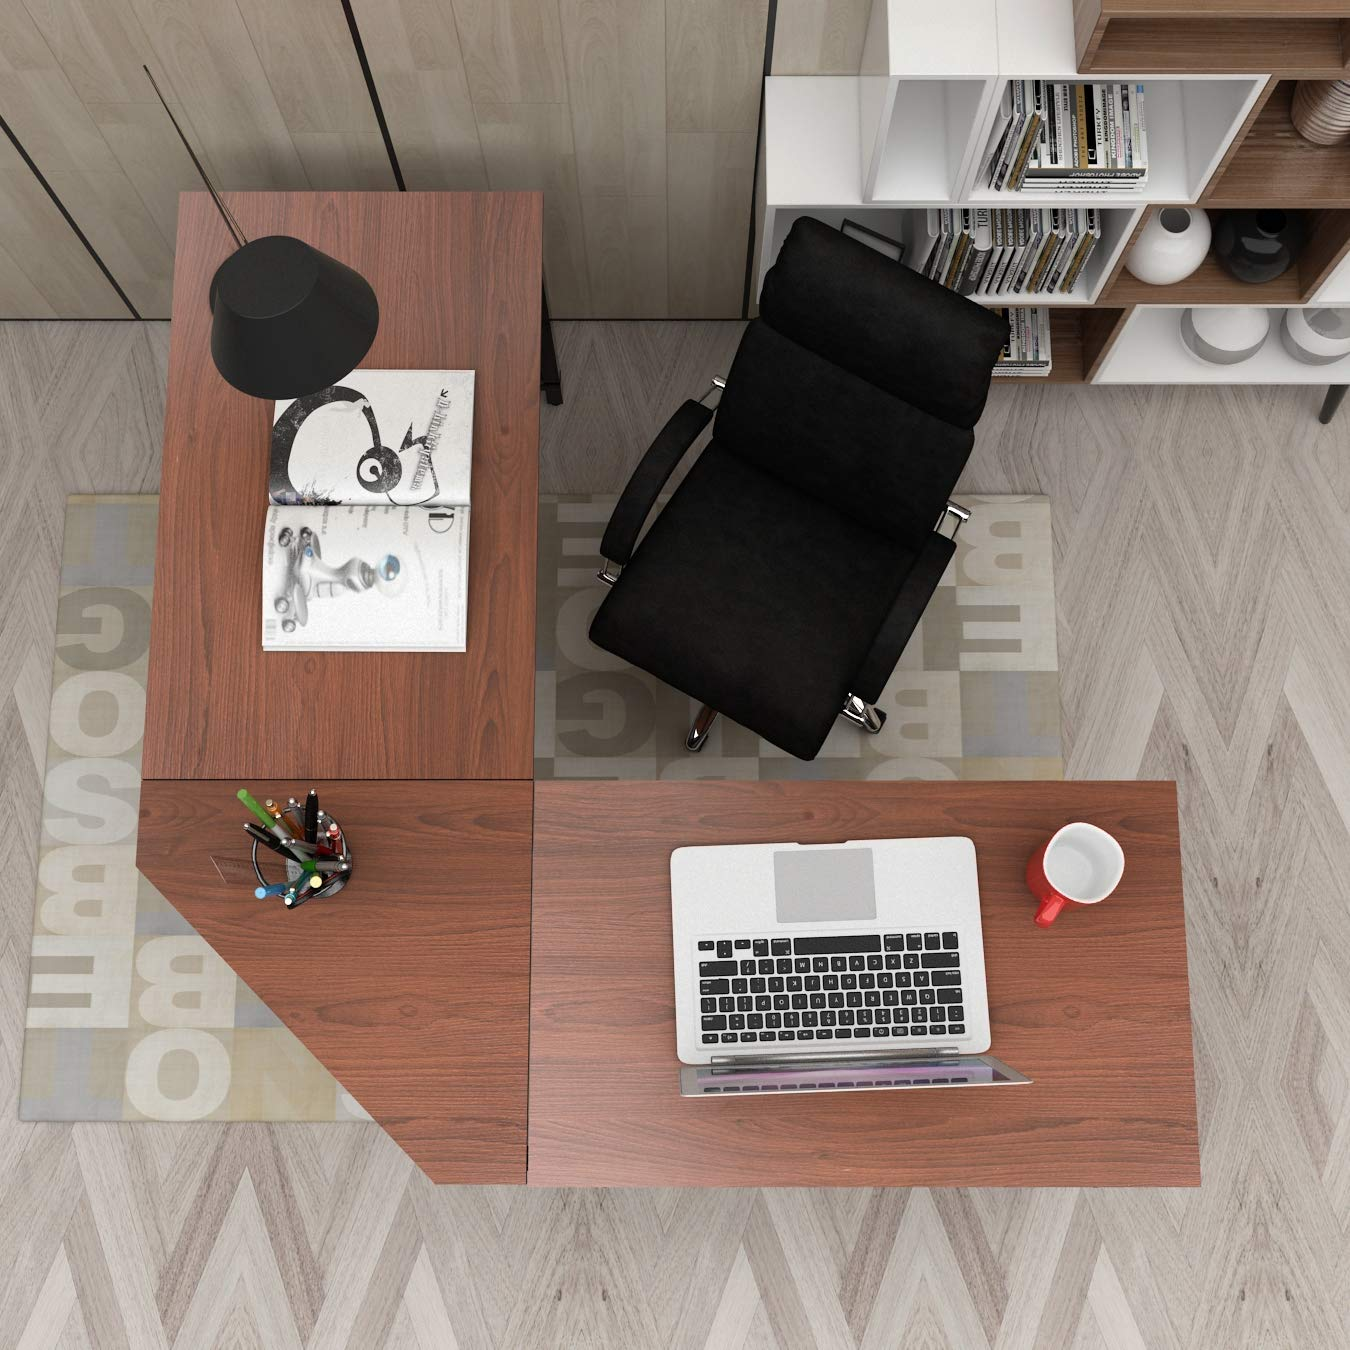 Soges 59 inches Large L-Shaped Desk, Double Tabletop Corner Computer Workstation Desk, L Desk Office Desk Home Office Desk, Walnut DX-Z008-WA by soges